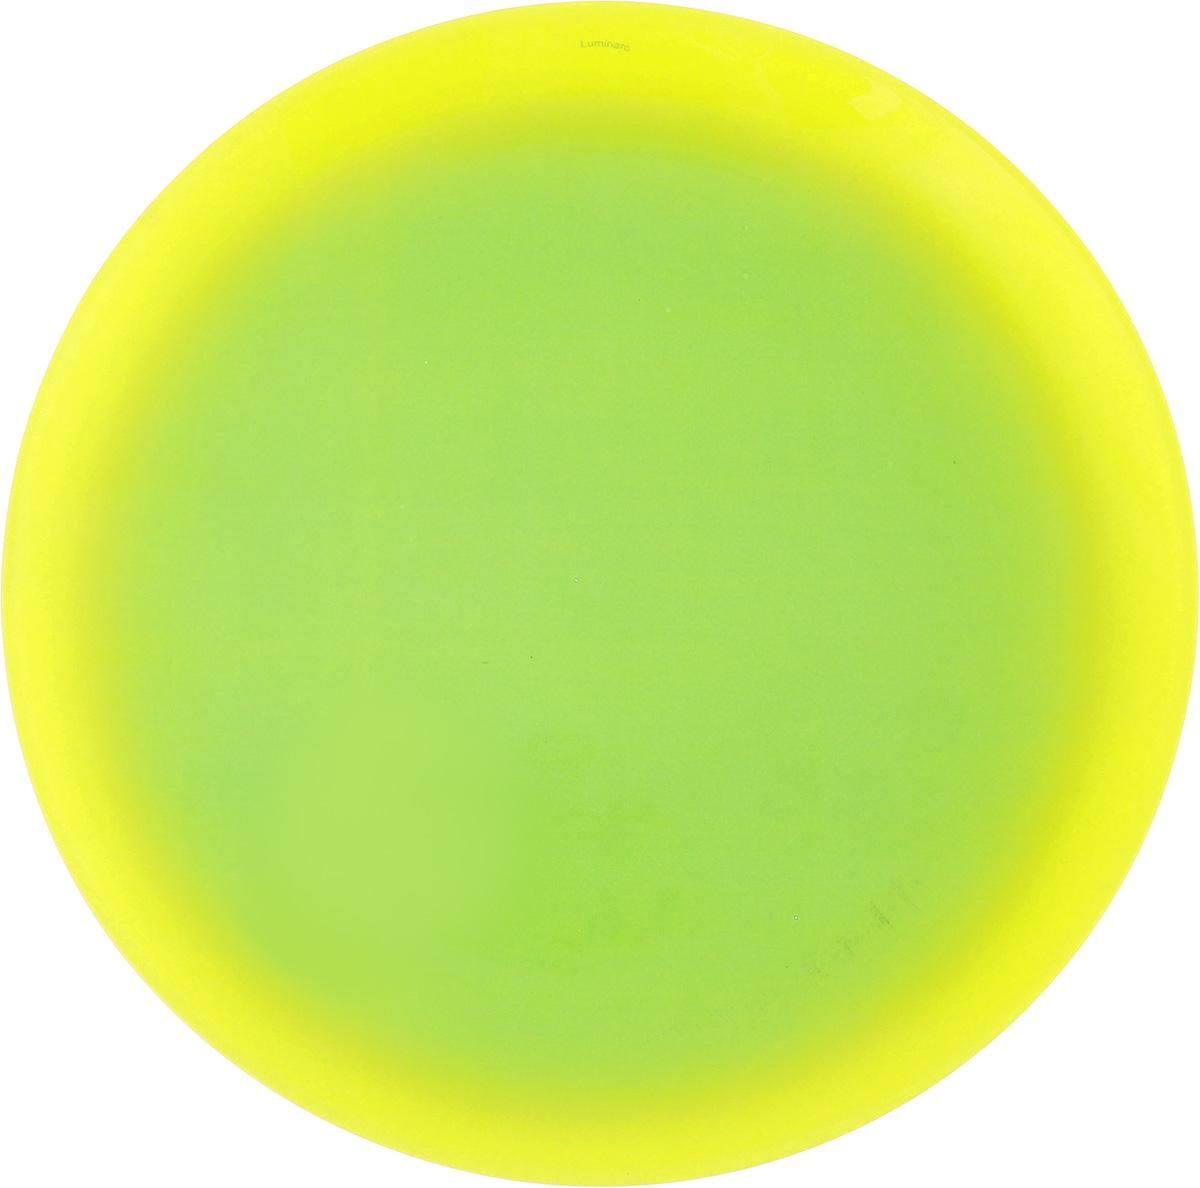 Тарелка обеденная Luminarc Fizz Mint, диаметр 25 смG9550Обеденная тарелка Luminarc Fizz Mint, изготовленнаяиз ударопрочного стекла, имеет изысканныйвнешний вид.Яркий дизайн придется по вкусу и ценителямклассики, и тем, кто предпочитает утонченность.Тарелка Luminarc Fizz Mint идеально подойдетдля сервировки вторых блюд из птицы, рыбы, мяса илиовощей, а также станет отличным подарком к любомупразднику. Диаметр тарелки (по верхнему краю): 25 см.